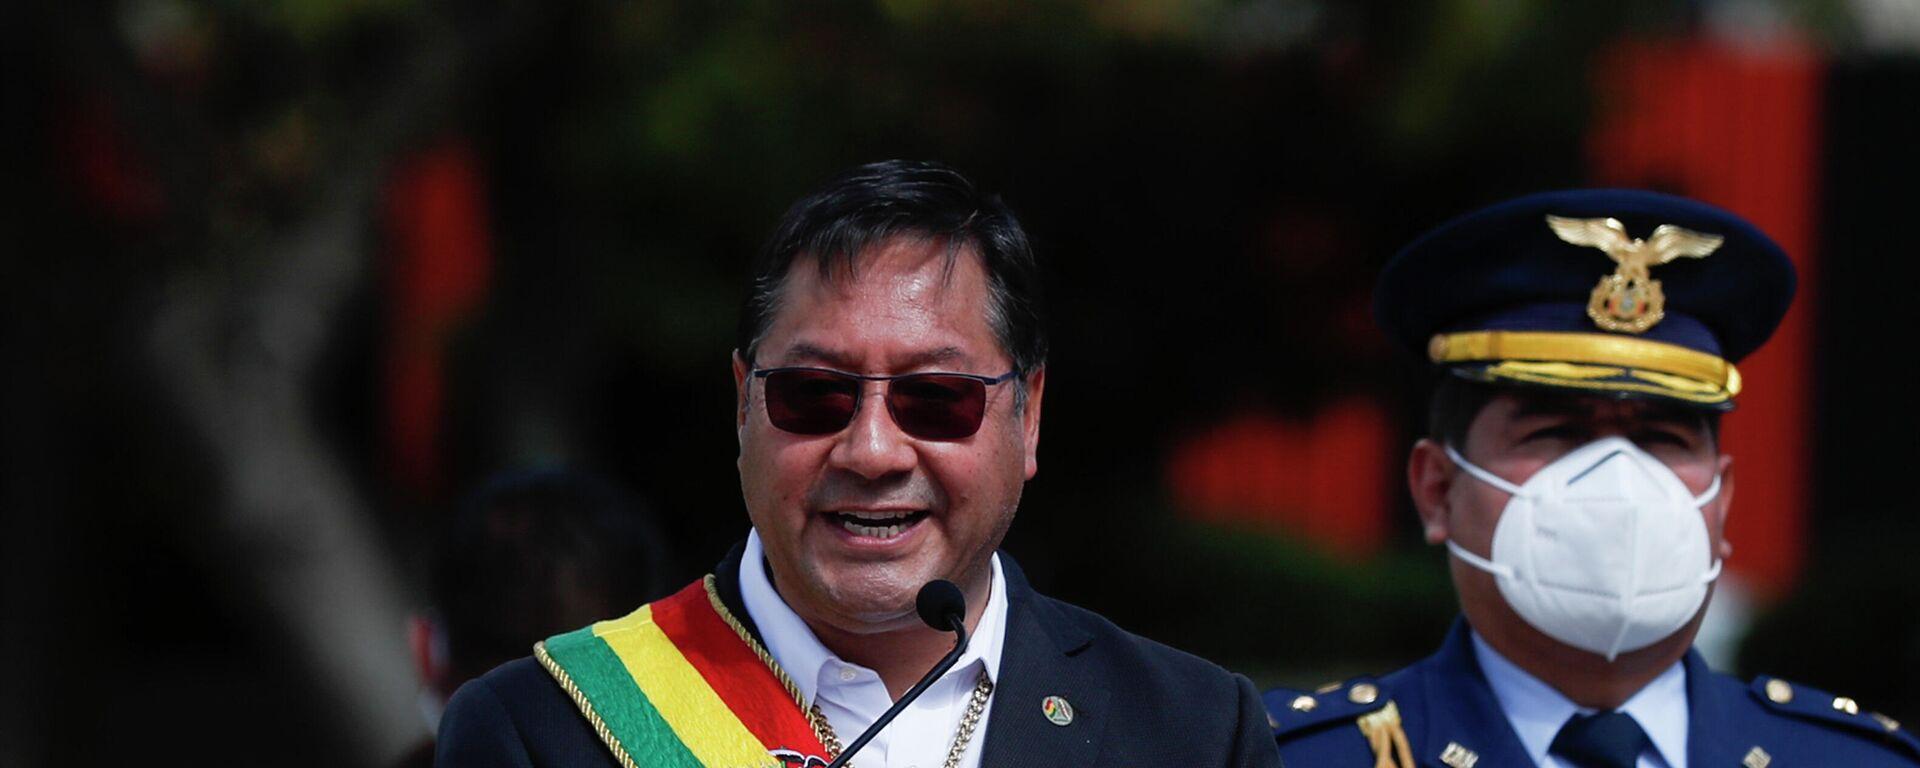 Luis Arce, presidente de Bolivia - Sputnik Mundo, 1920, 12.07.2021